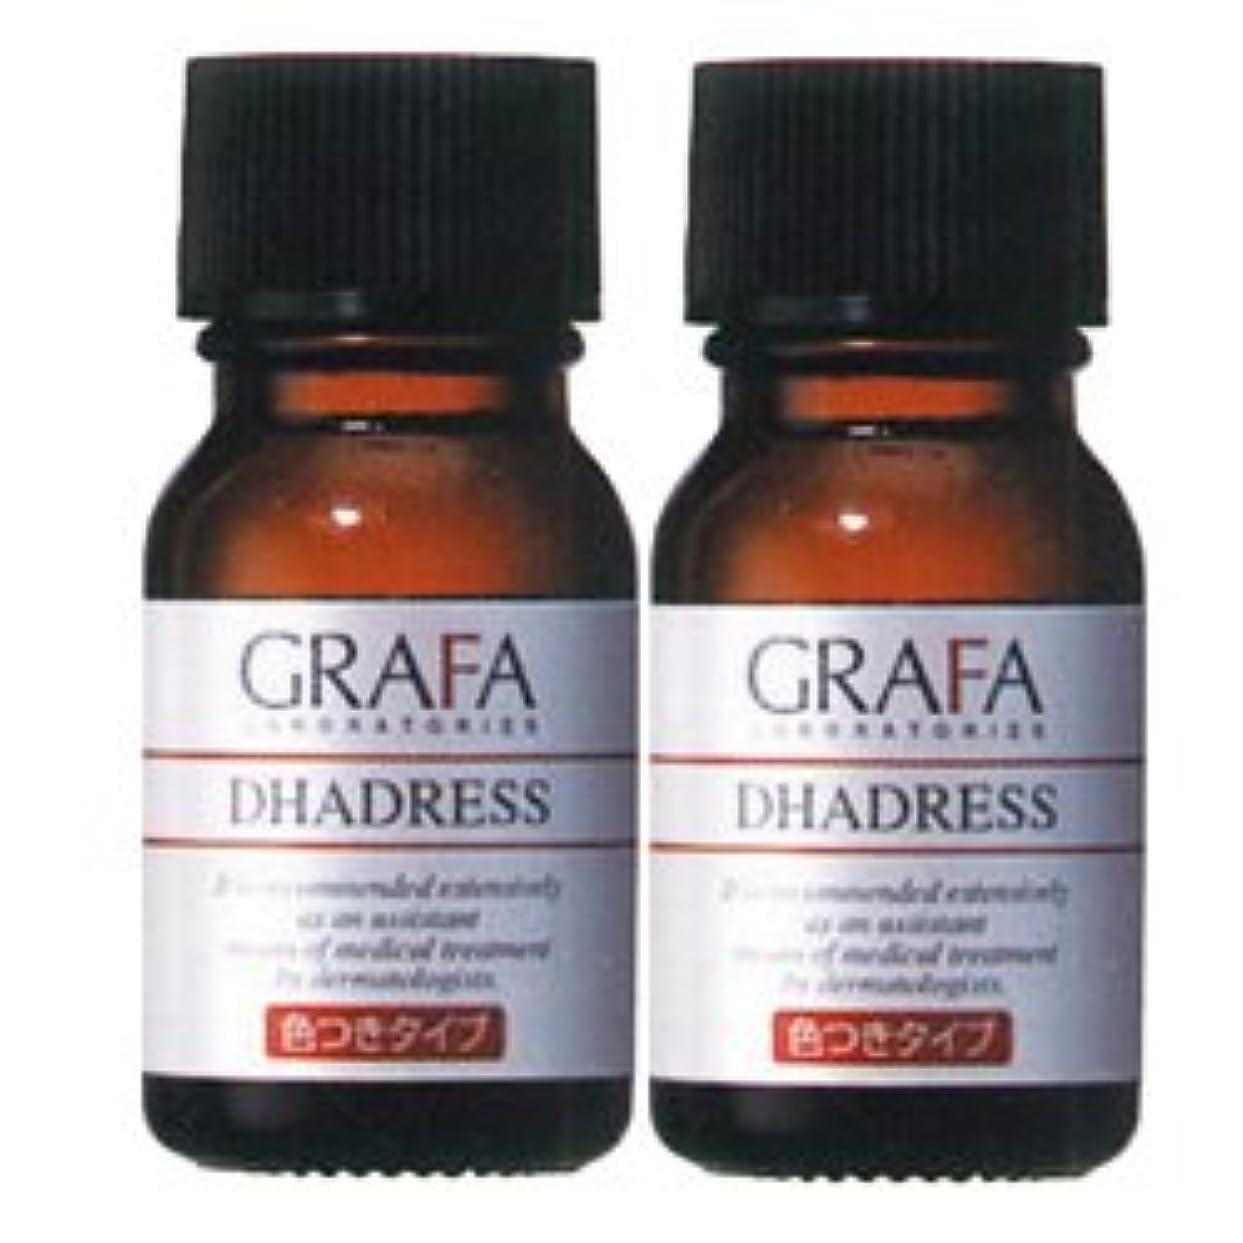 優しさ固有の魅力的グラファ ダドレスC (色つきタイプ) 11mL×2本 着色用化粧水 GRAFA DHADRESS